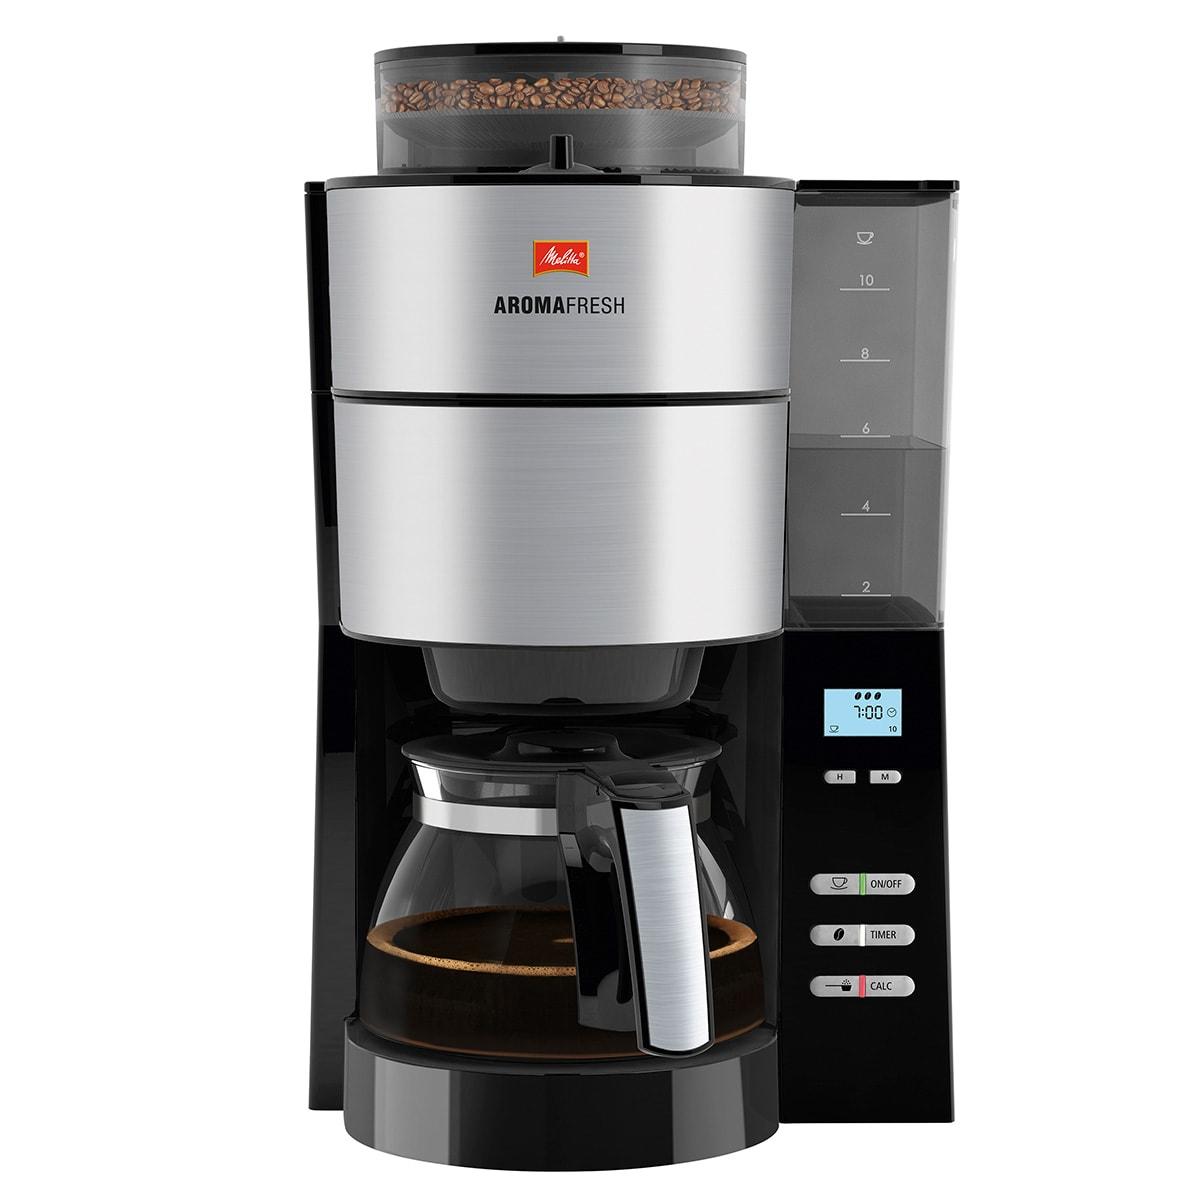 Med kaffekværn, justerbar styrke, timer og afkalkningsprogram